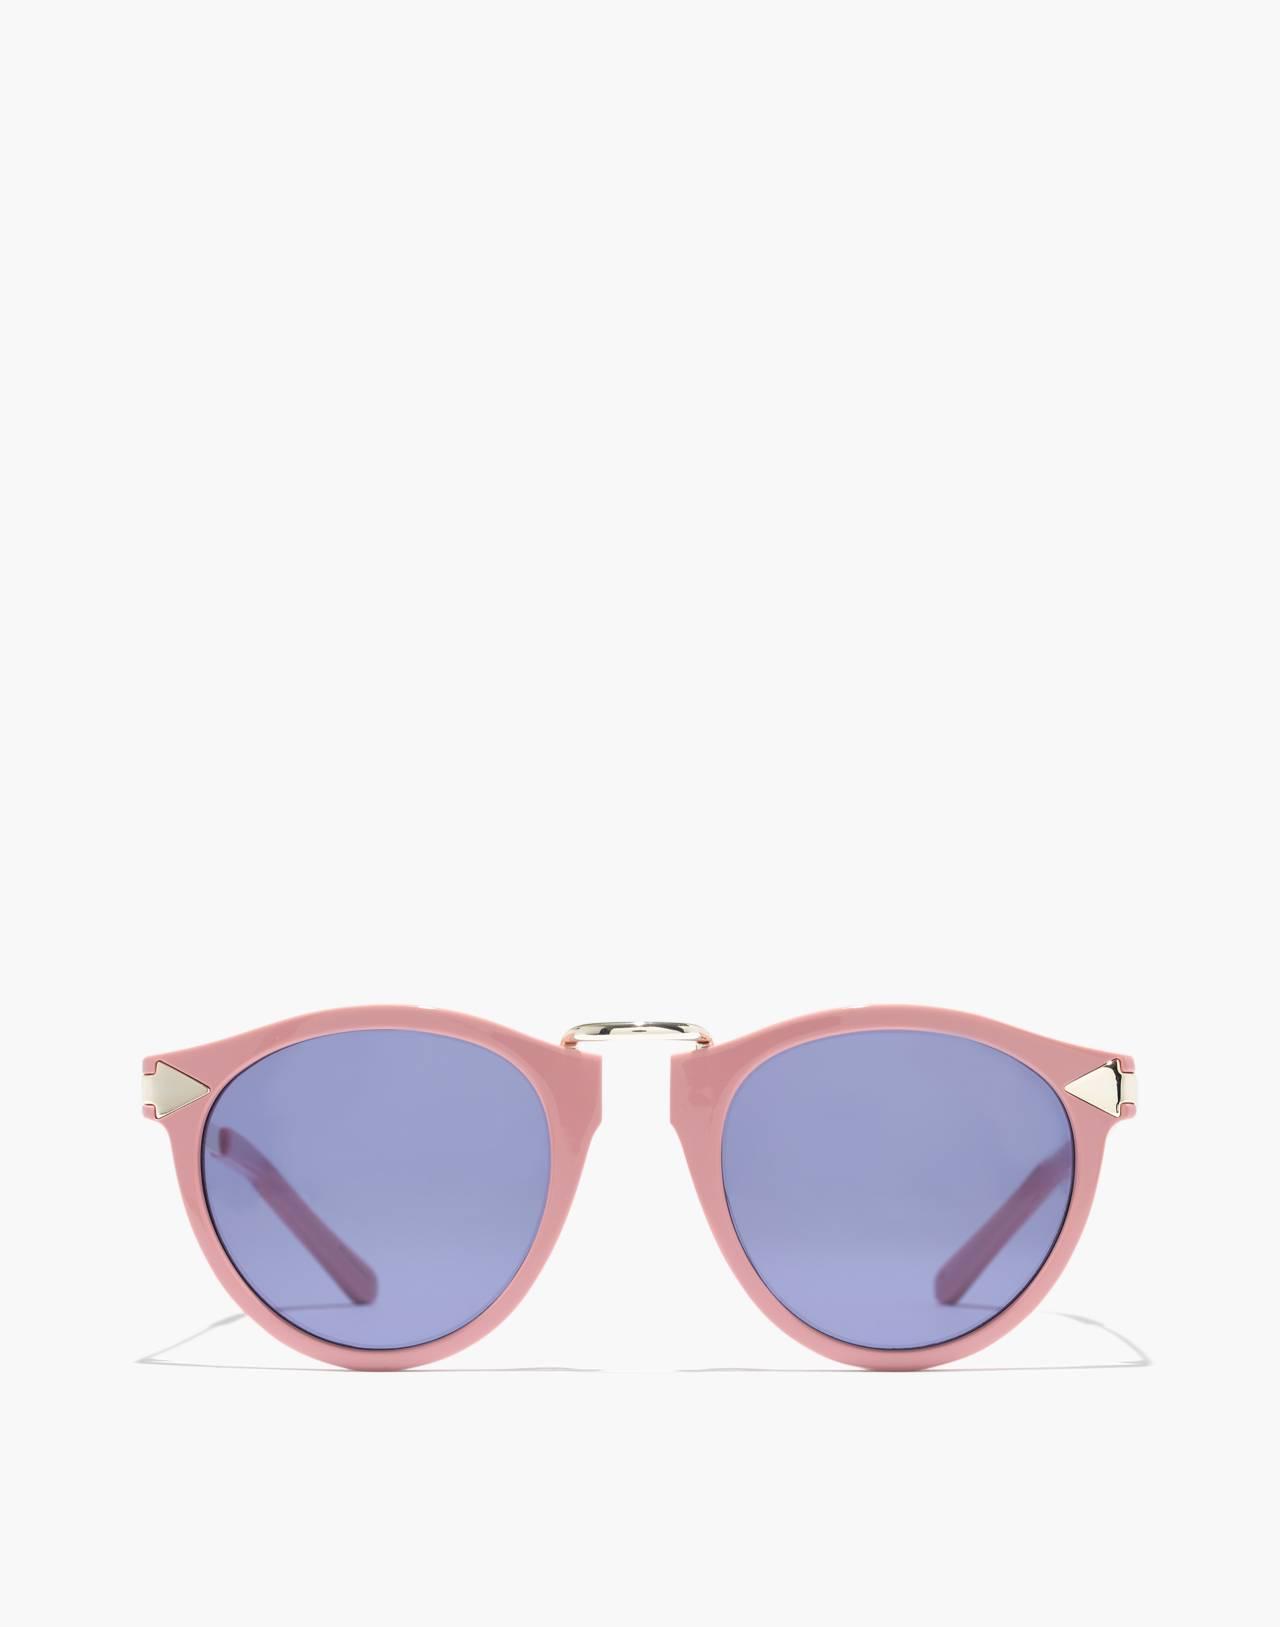 Madewell x Karen Walker® Helter Skelter Sunglasses in shiny pink image 1